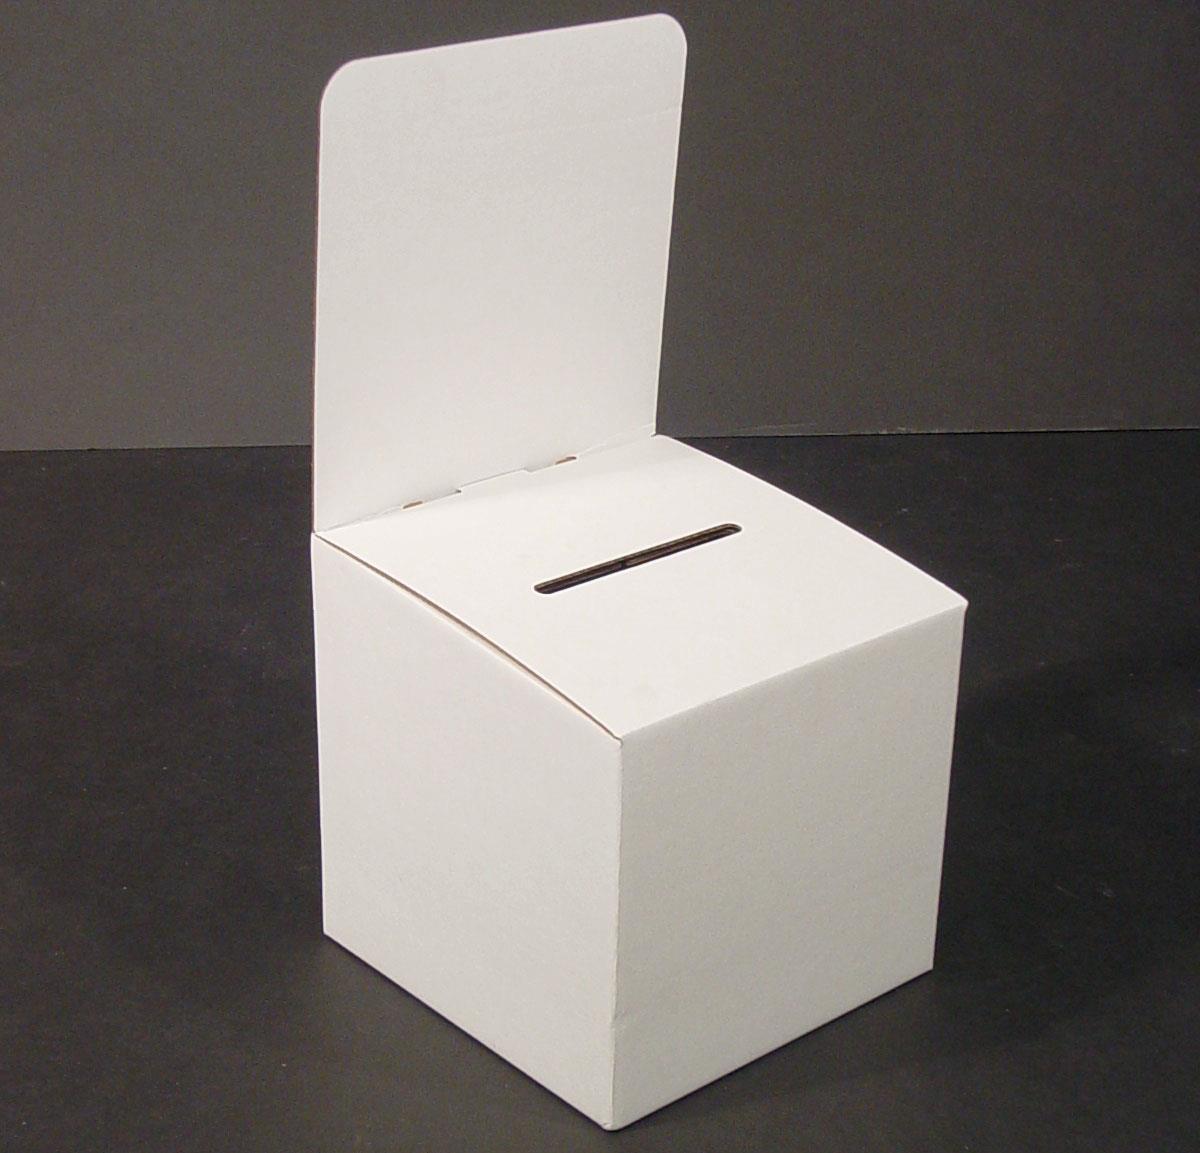 how to make a cardboard ballot box